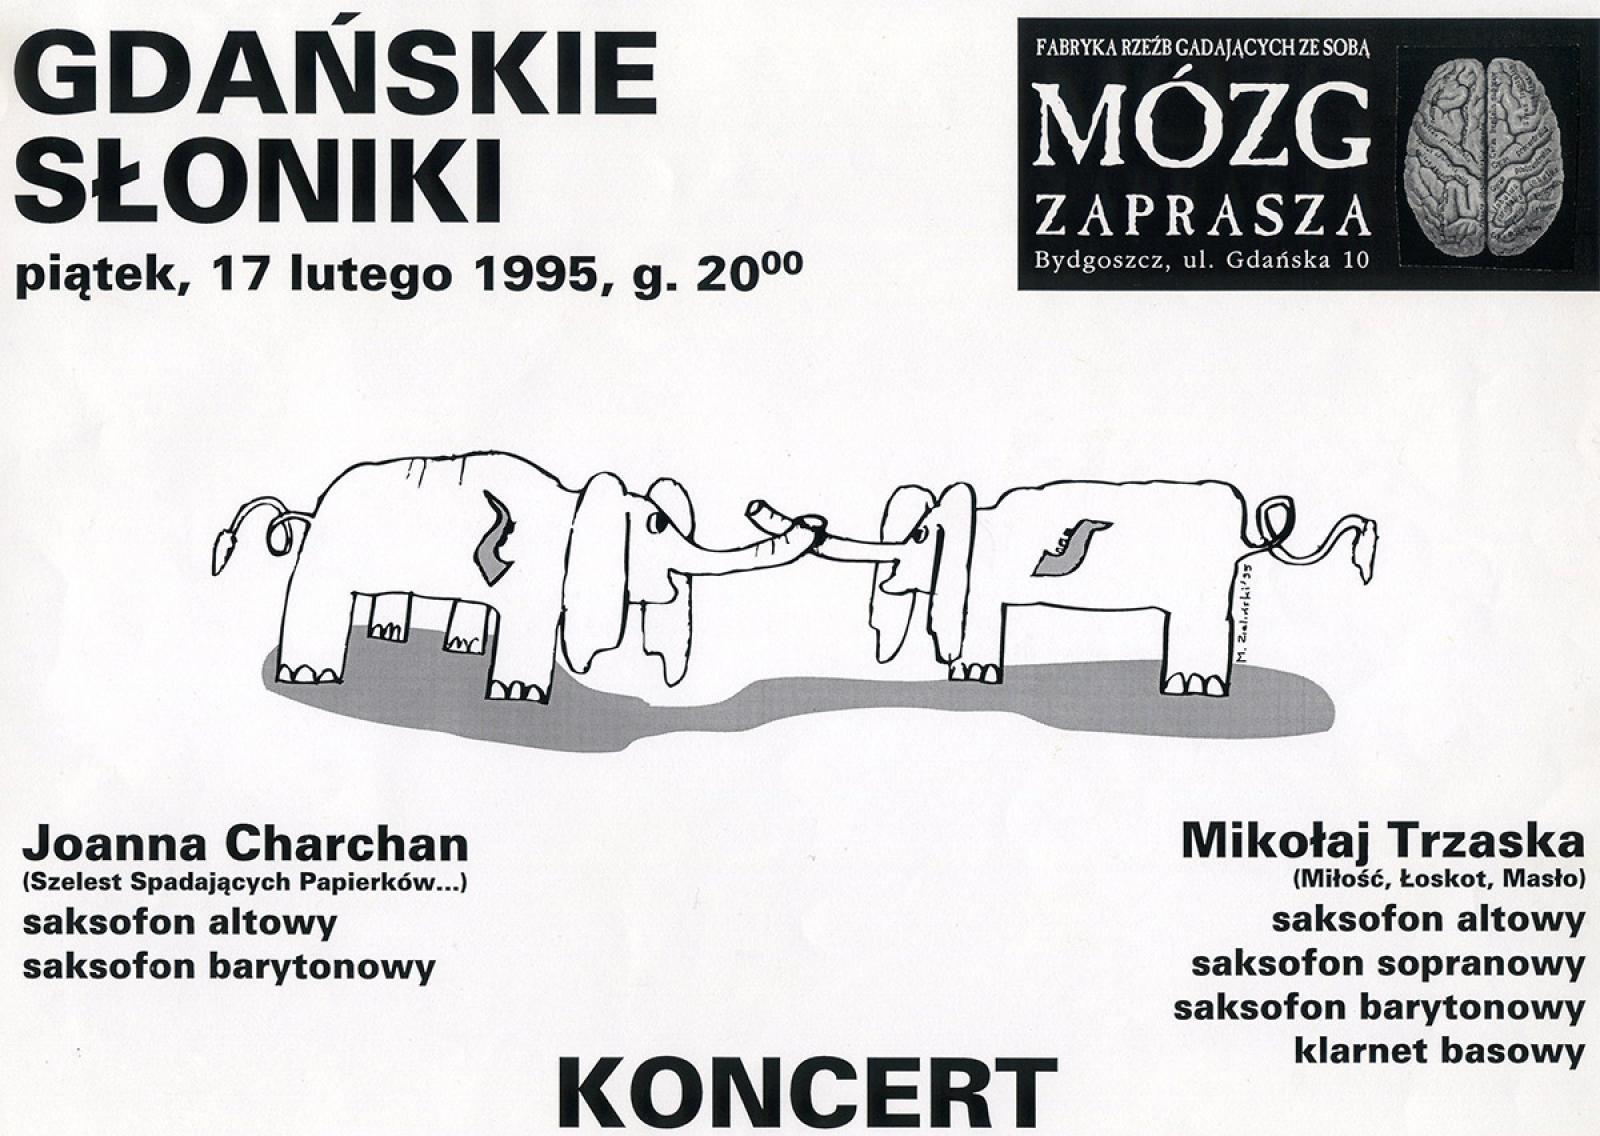 Gdańskie Słoniki: